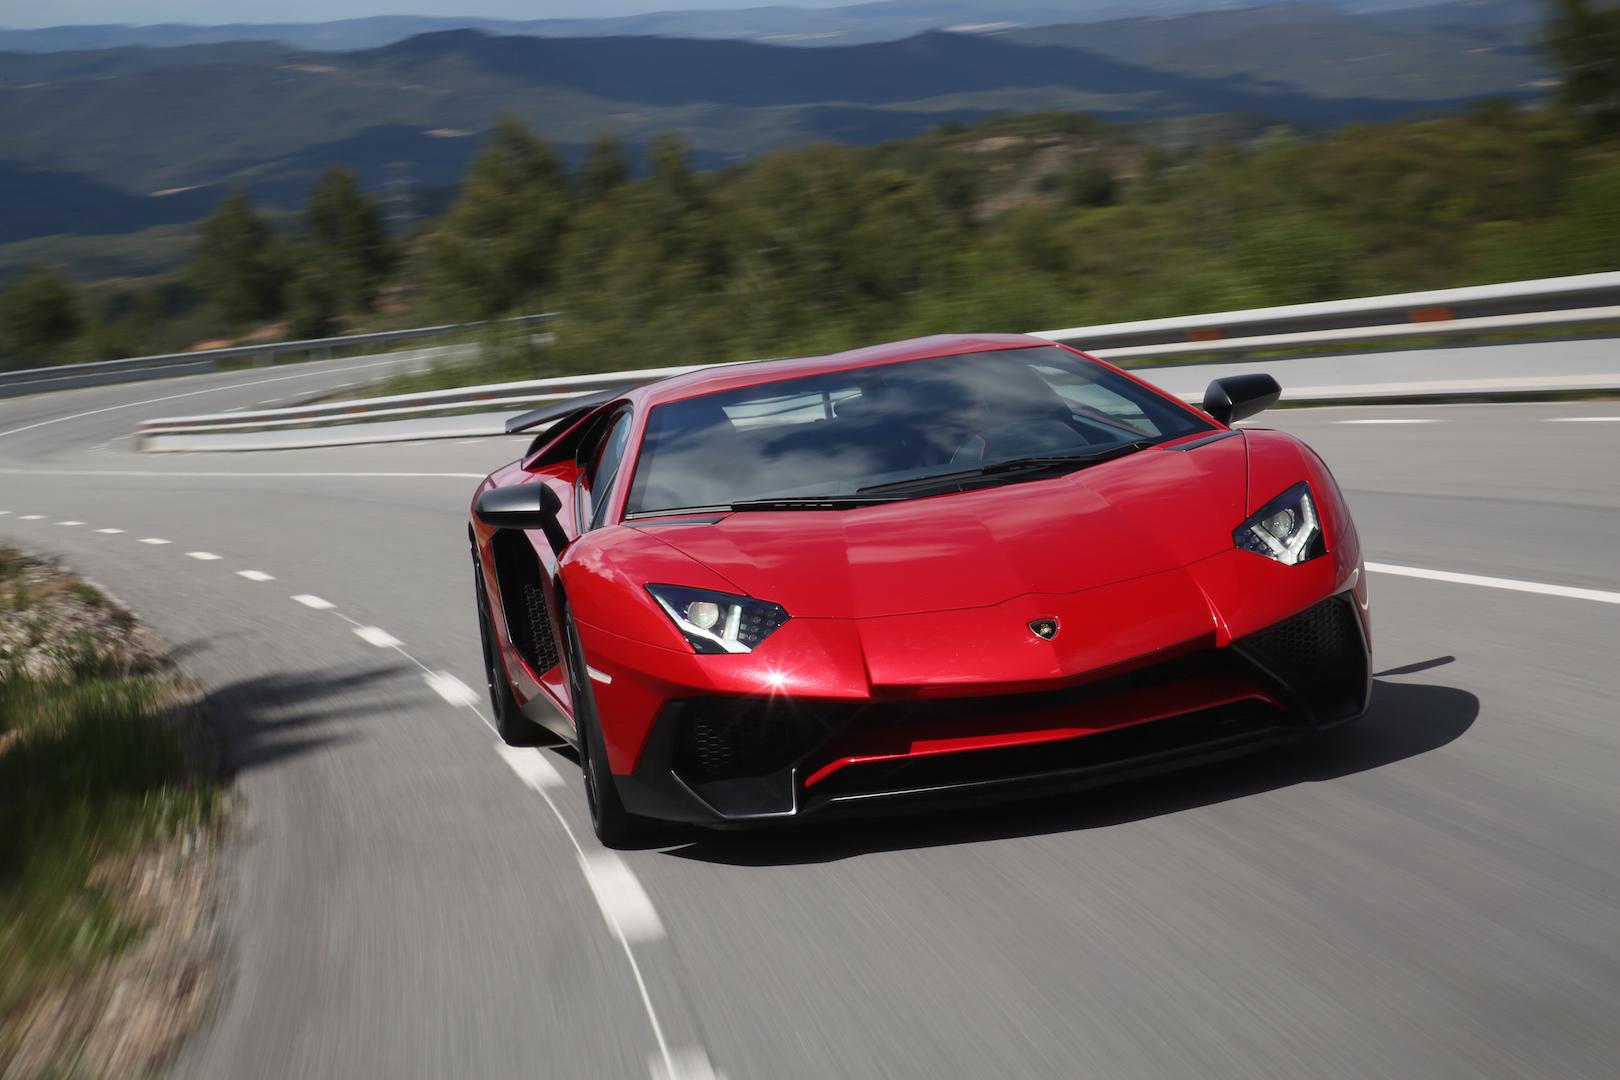 Lamborghini Aventador Superveloce 207 9 Mph Mustang